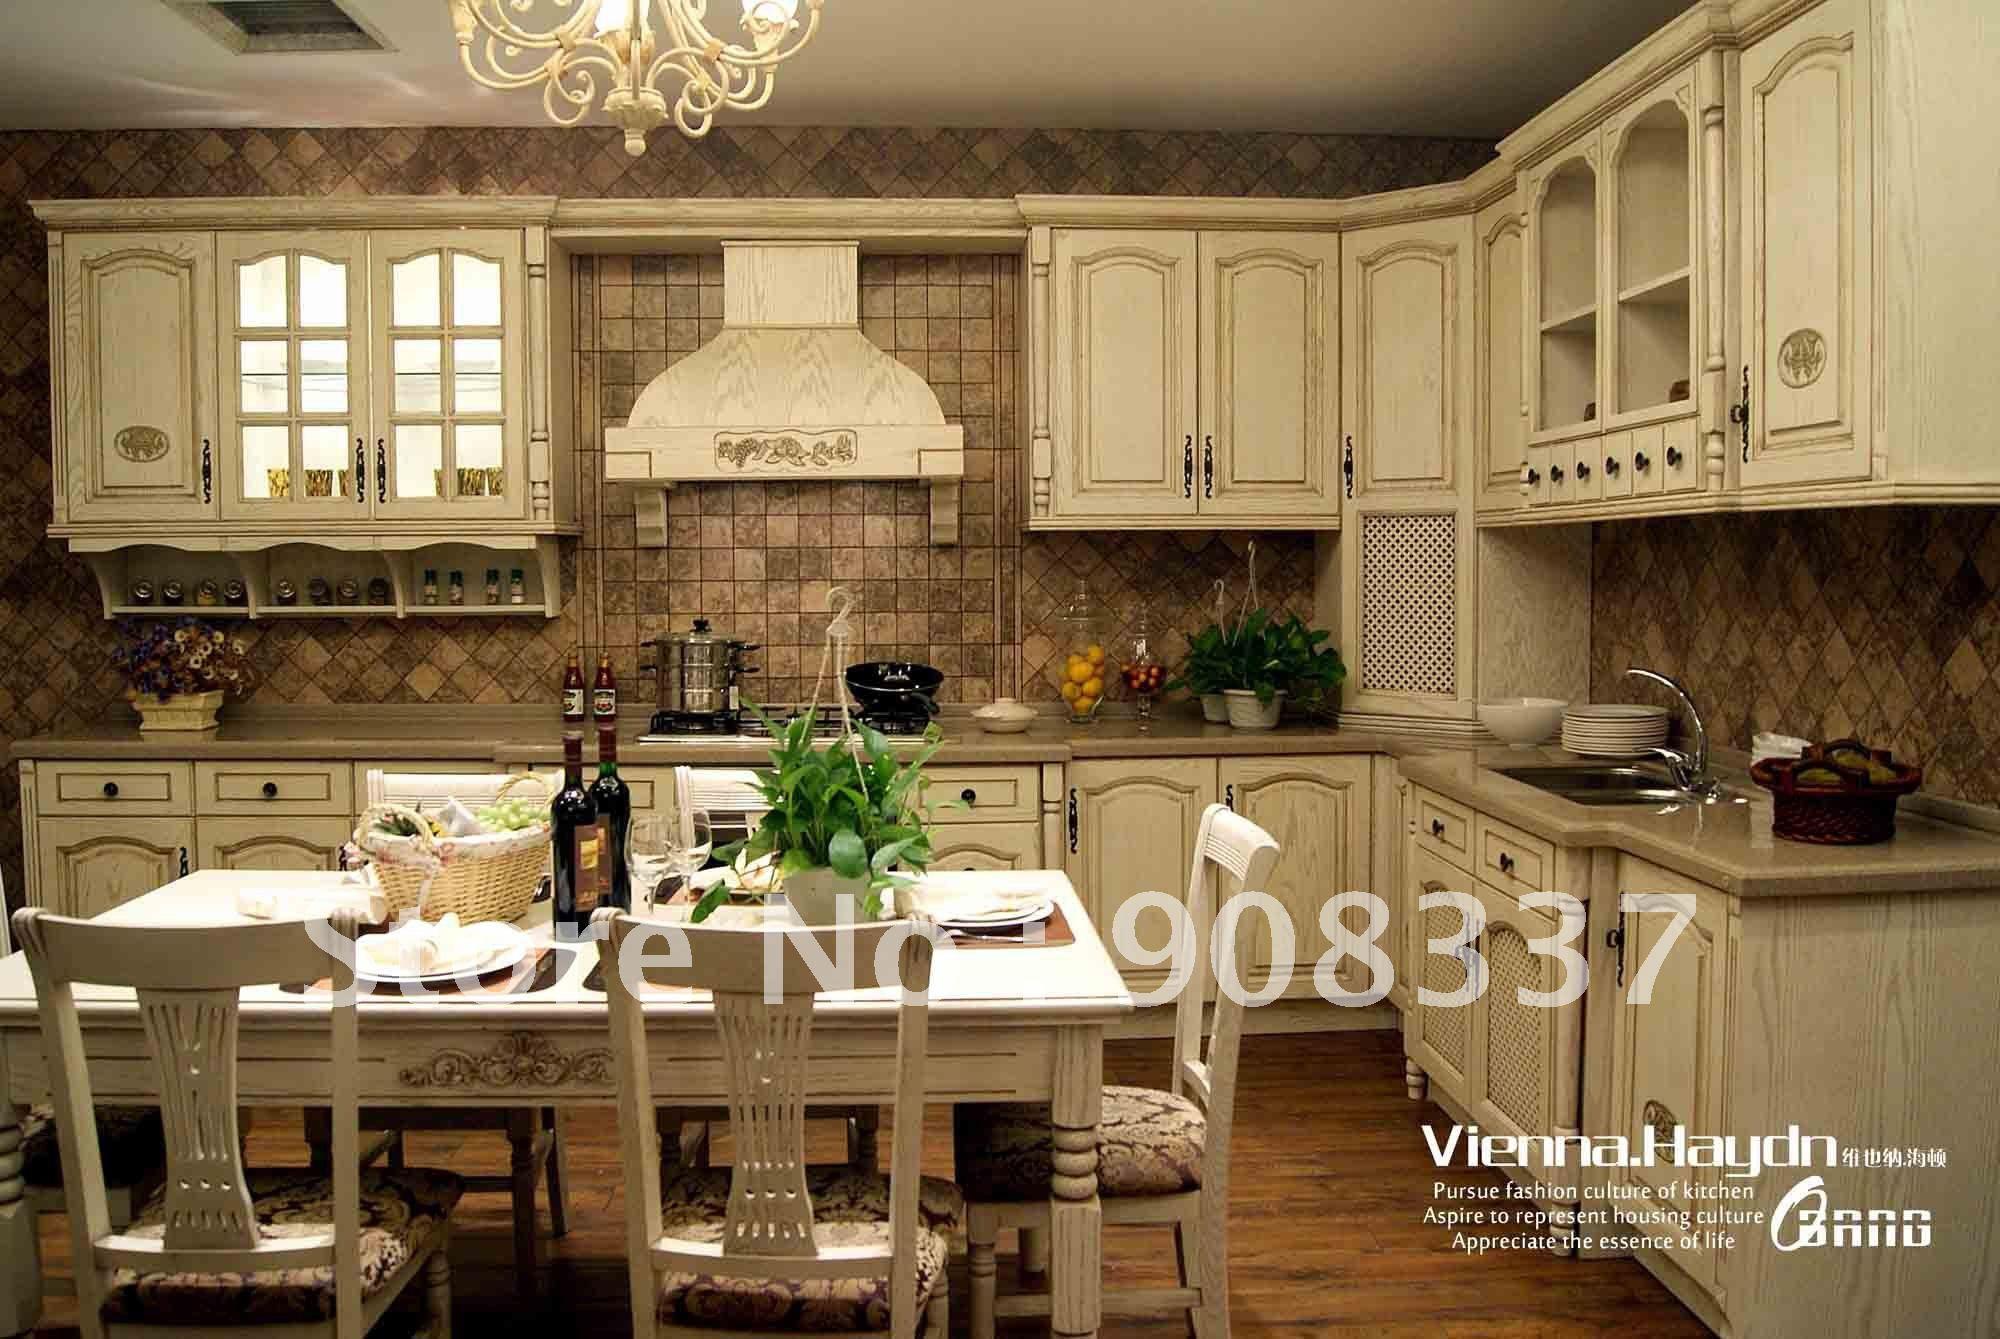 #45661E  de Cozinha de Melhorias na casa no AliExpress.com Alibaba Group 2000x1339 px Melhorias Na Cozinha_457 Imagens